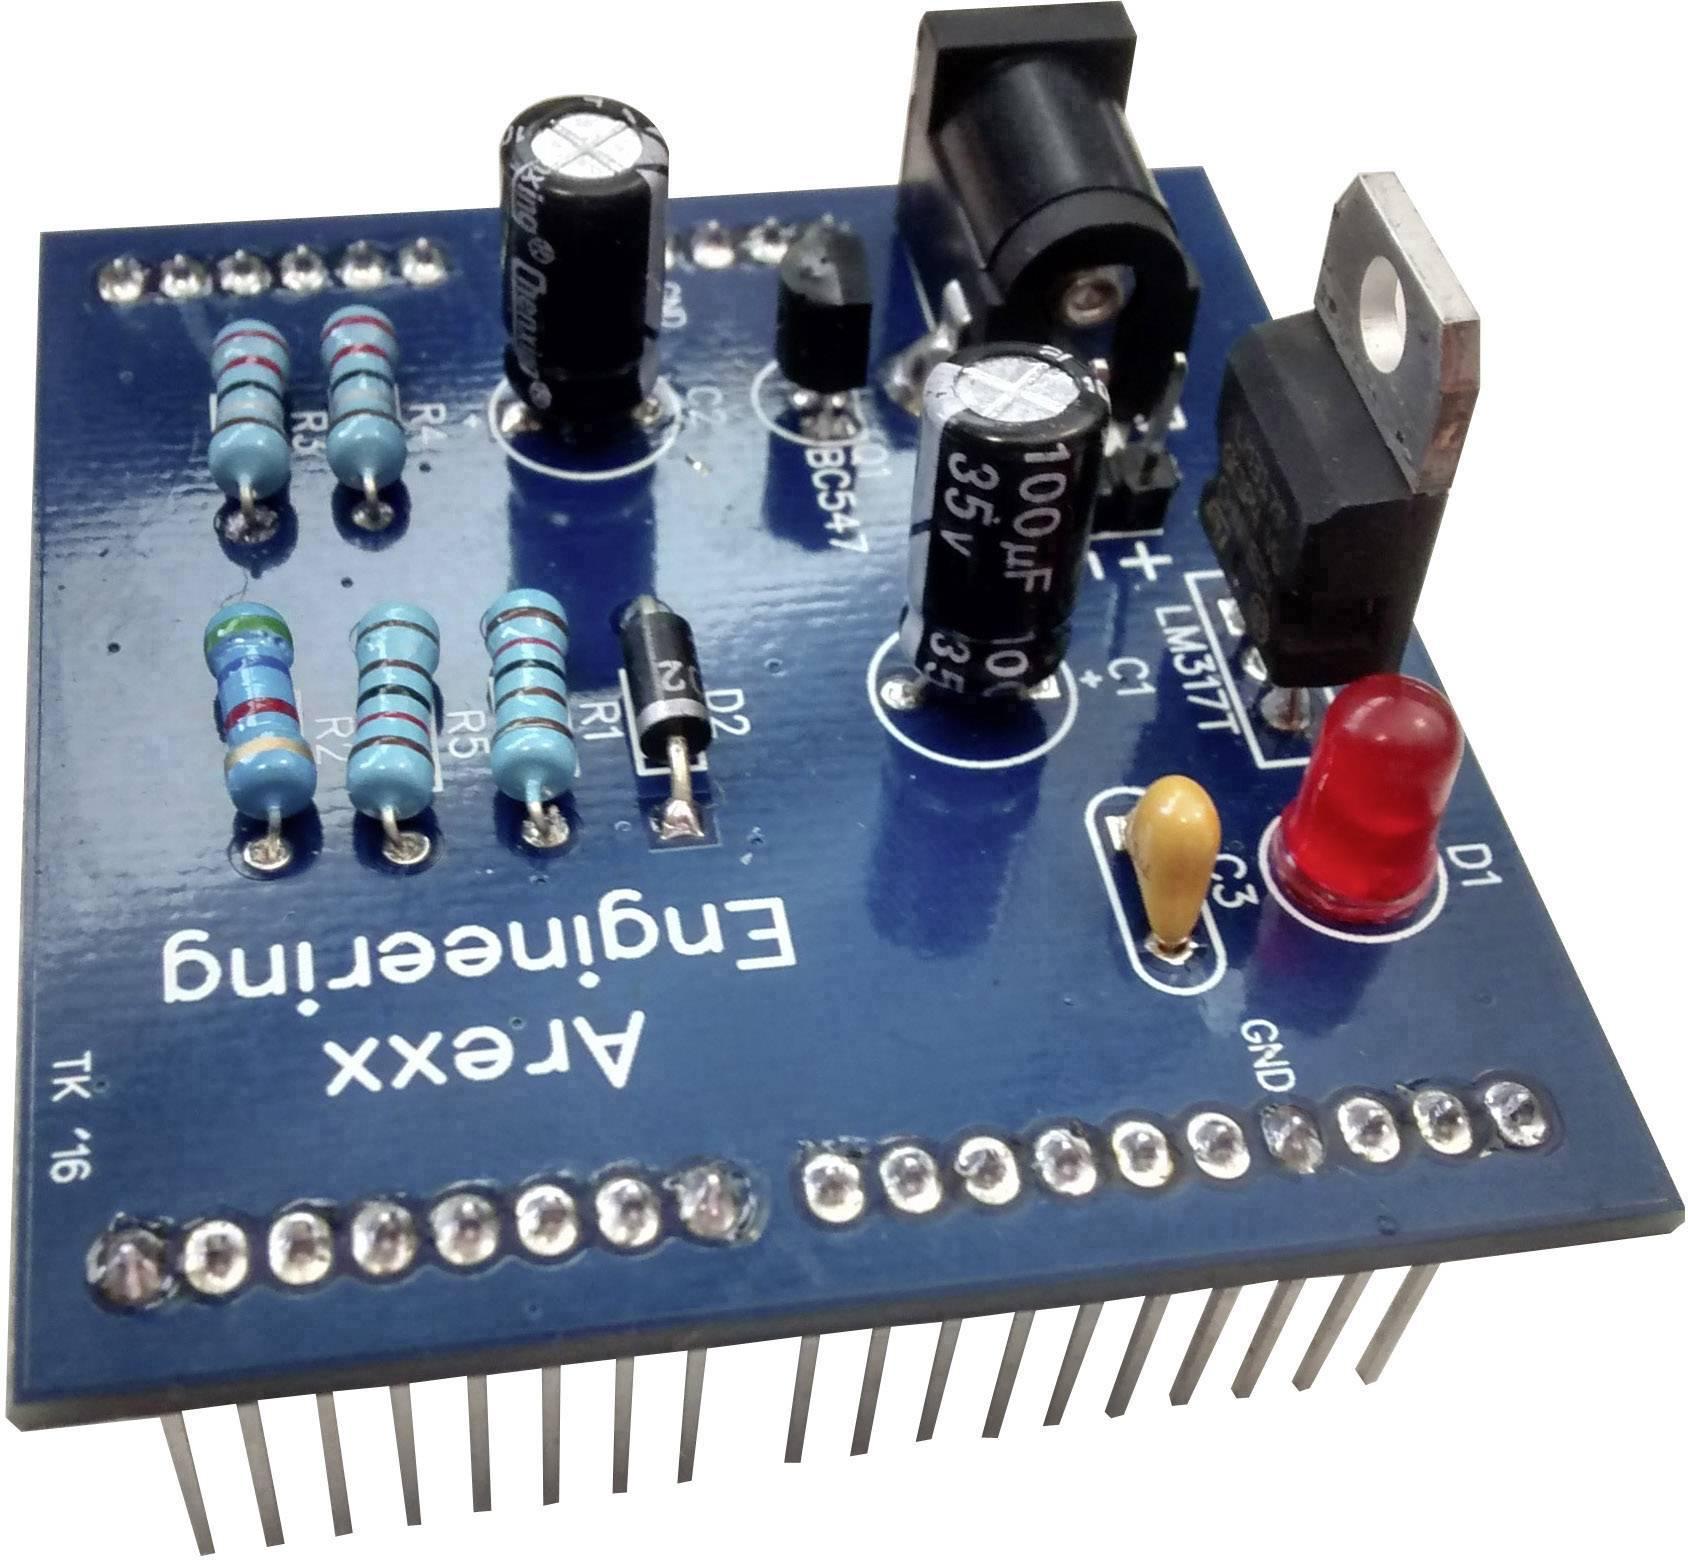 Rozšiřující modul Arexx k dobíjení baterií pro ovladač motorů MyRio